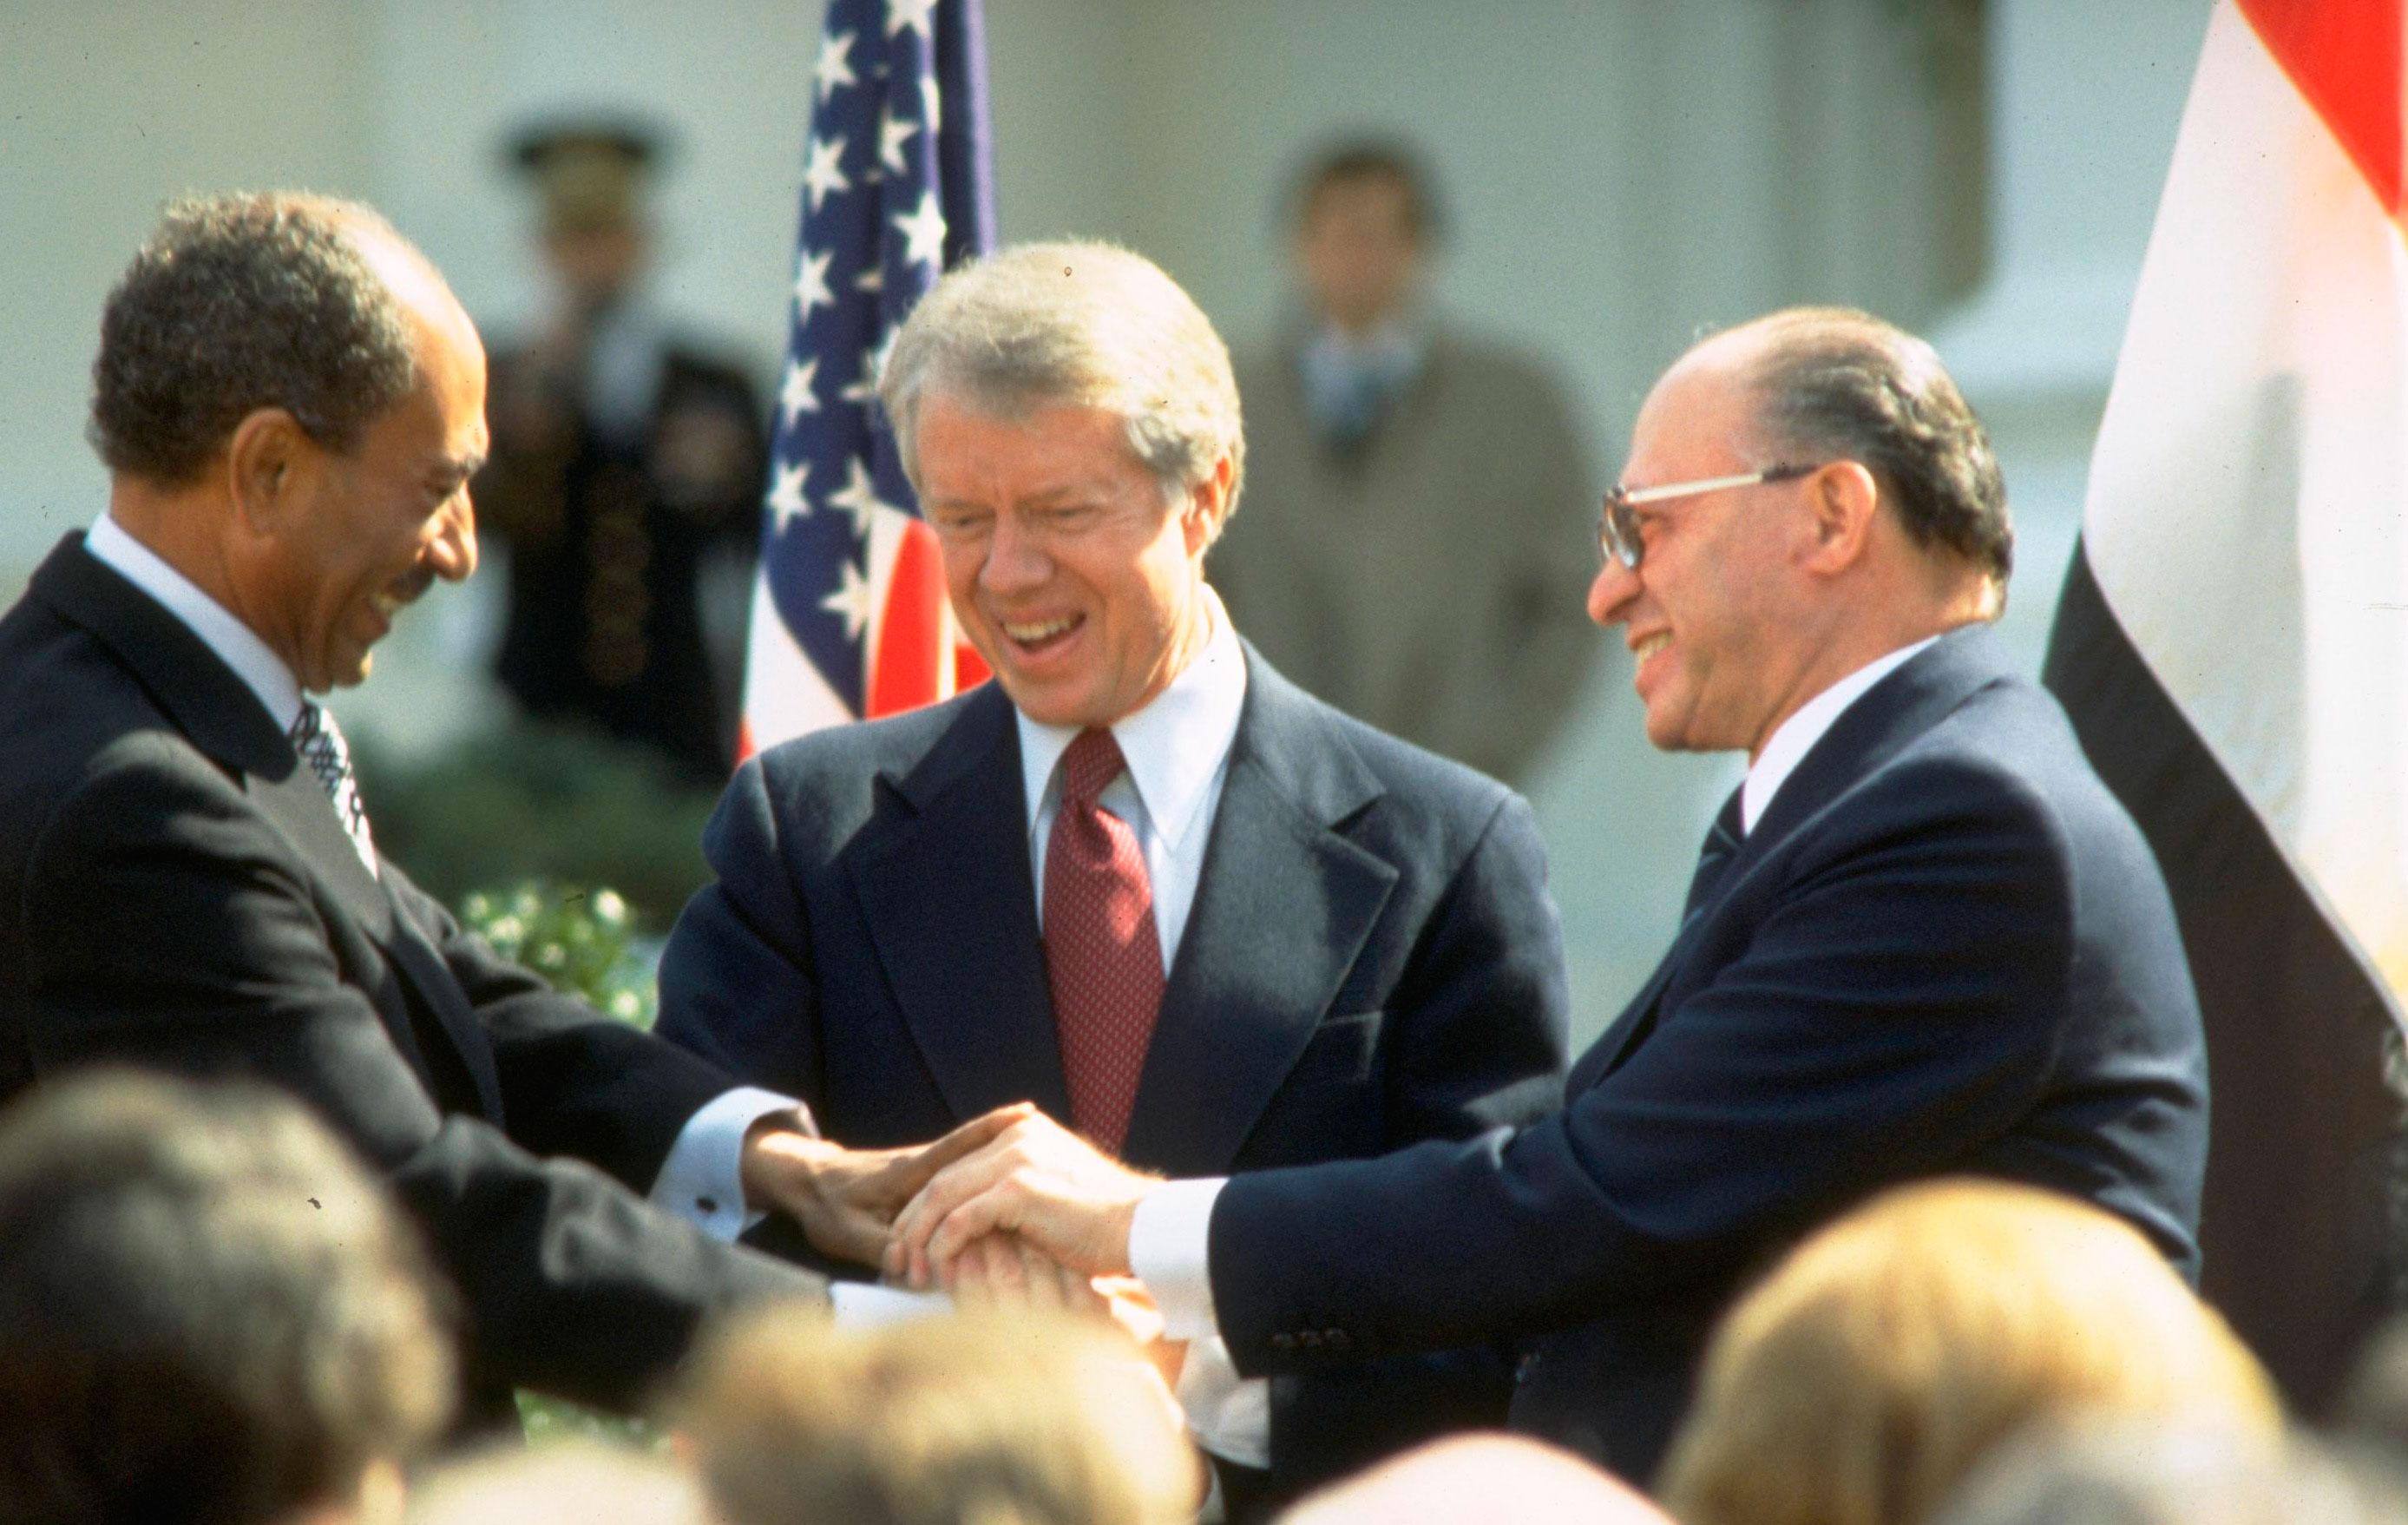 Teniendo como intermediario al presidente James Carter, el presidente egipcio Anwar el-Sadat y el primer ministro israelí, Ménajem Beguin, logran la paz de sus dos naciones, tras varios años de guerra